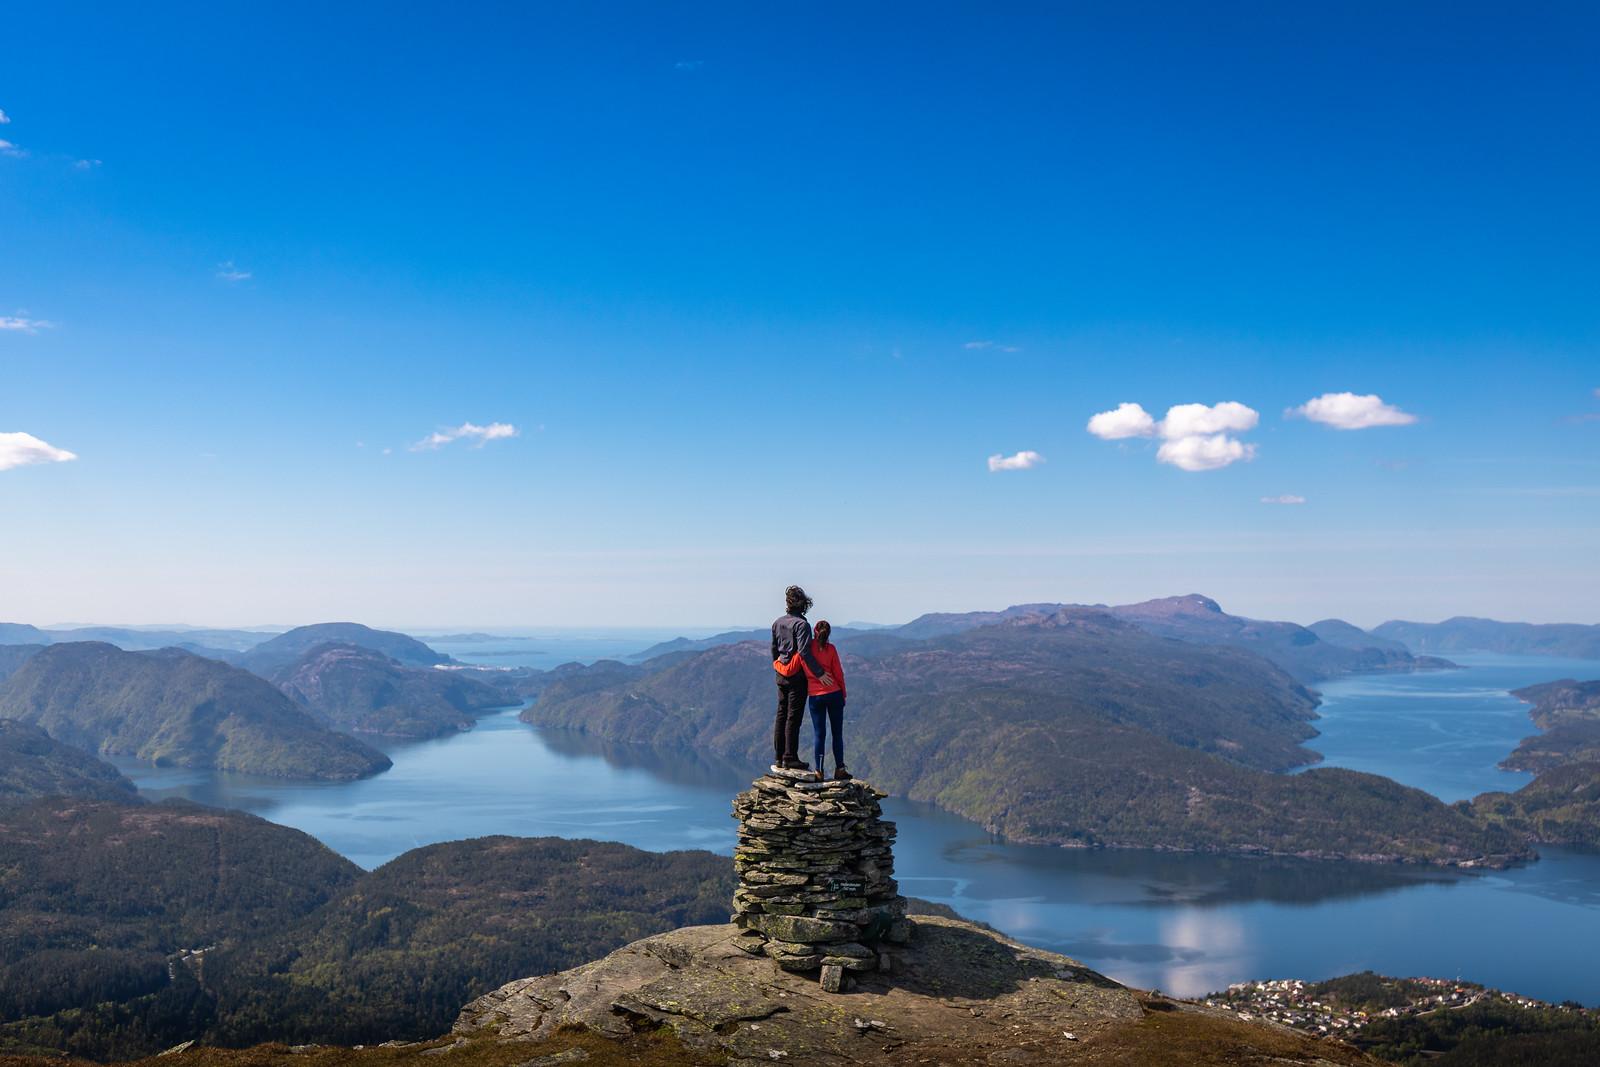 To menneske på fjelltopp med flott utsikt